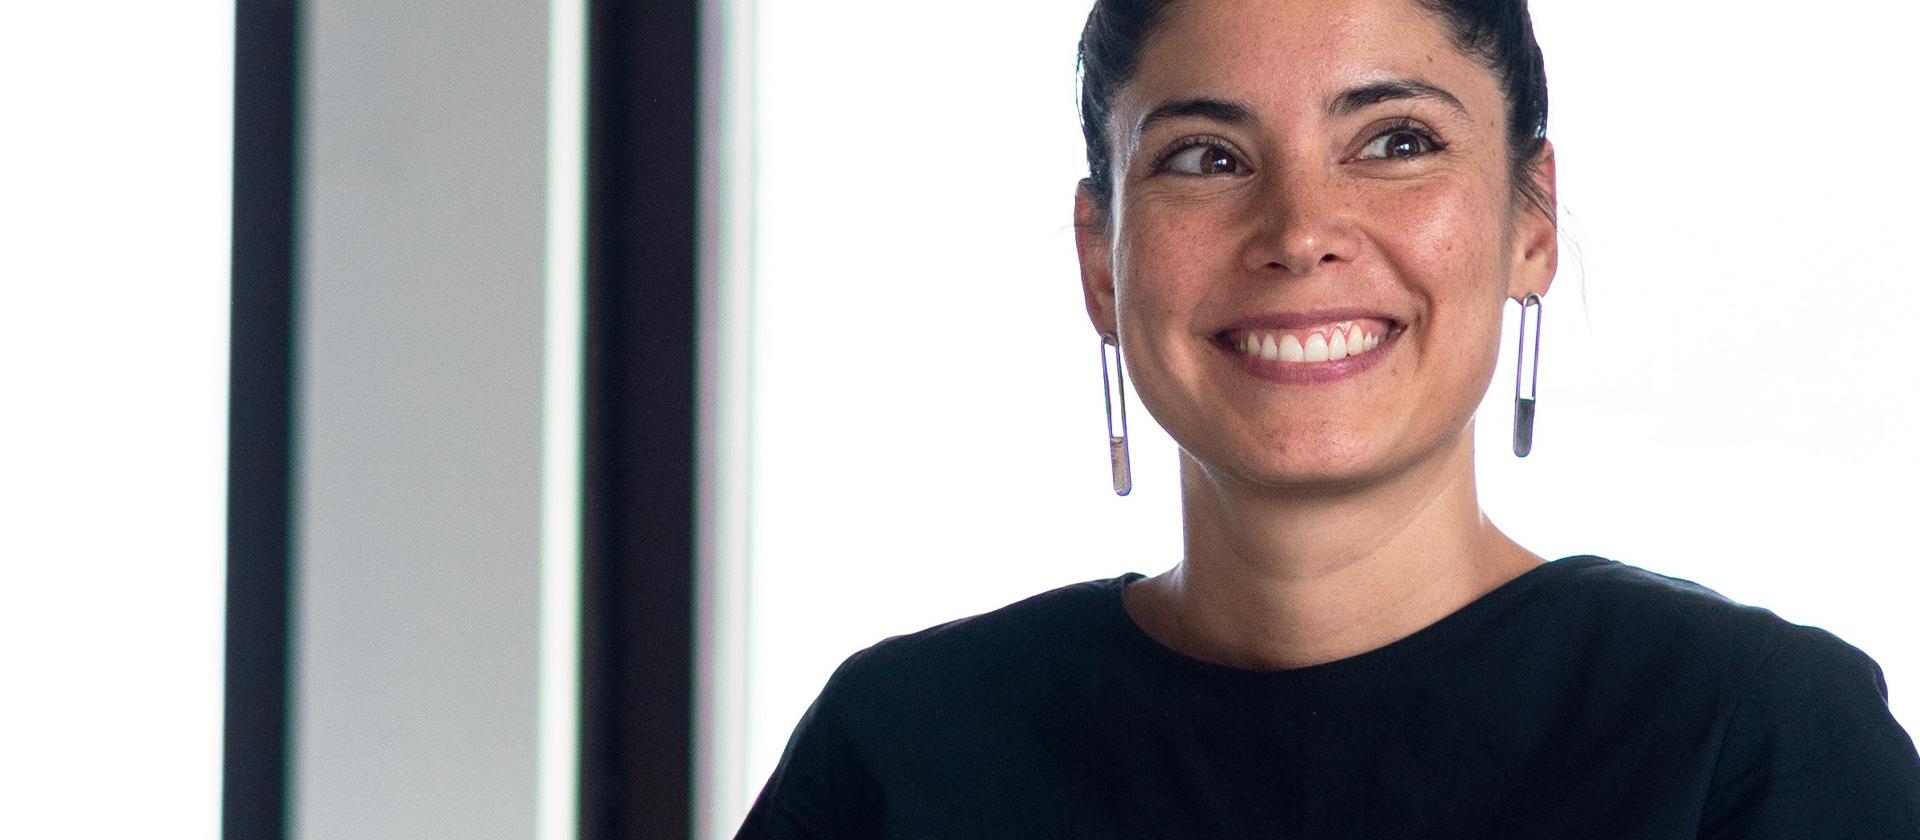 MarTech: El marketing reinventado por la tecnología abre nuevas oportunidades laborales